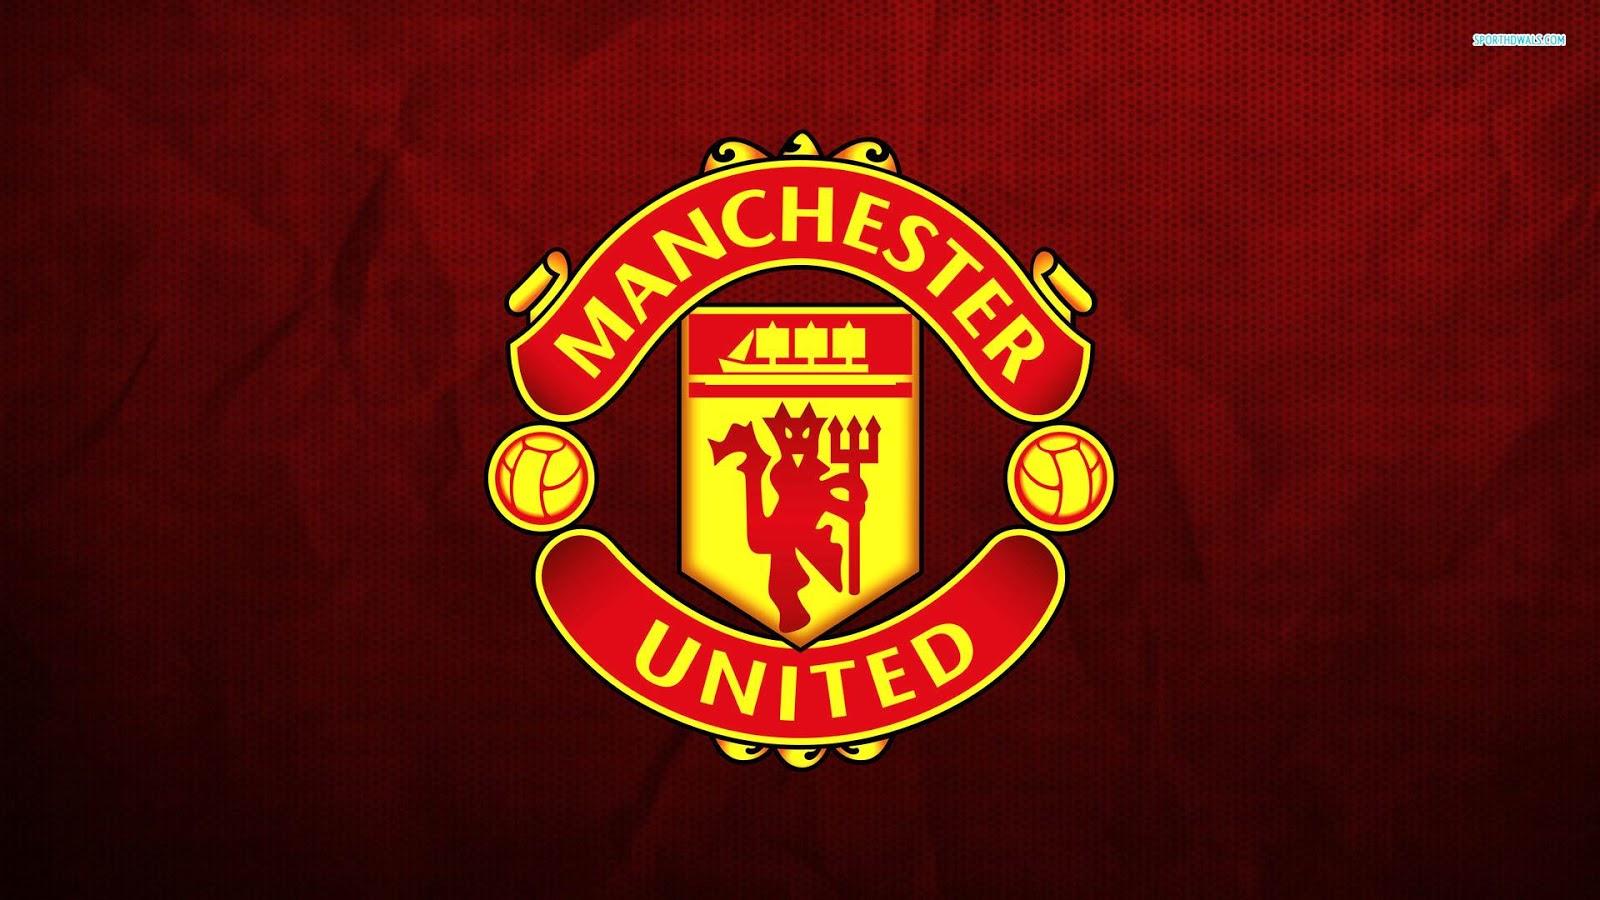 Logo Manchester Unuted Bagus  Lucu dan Keren